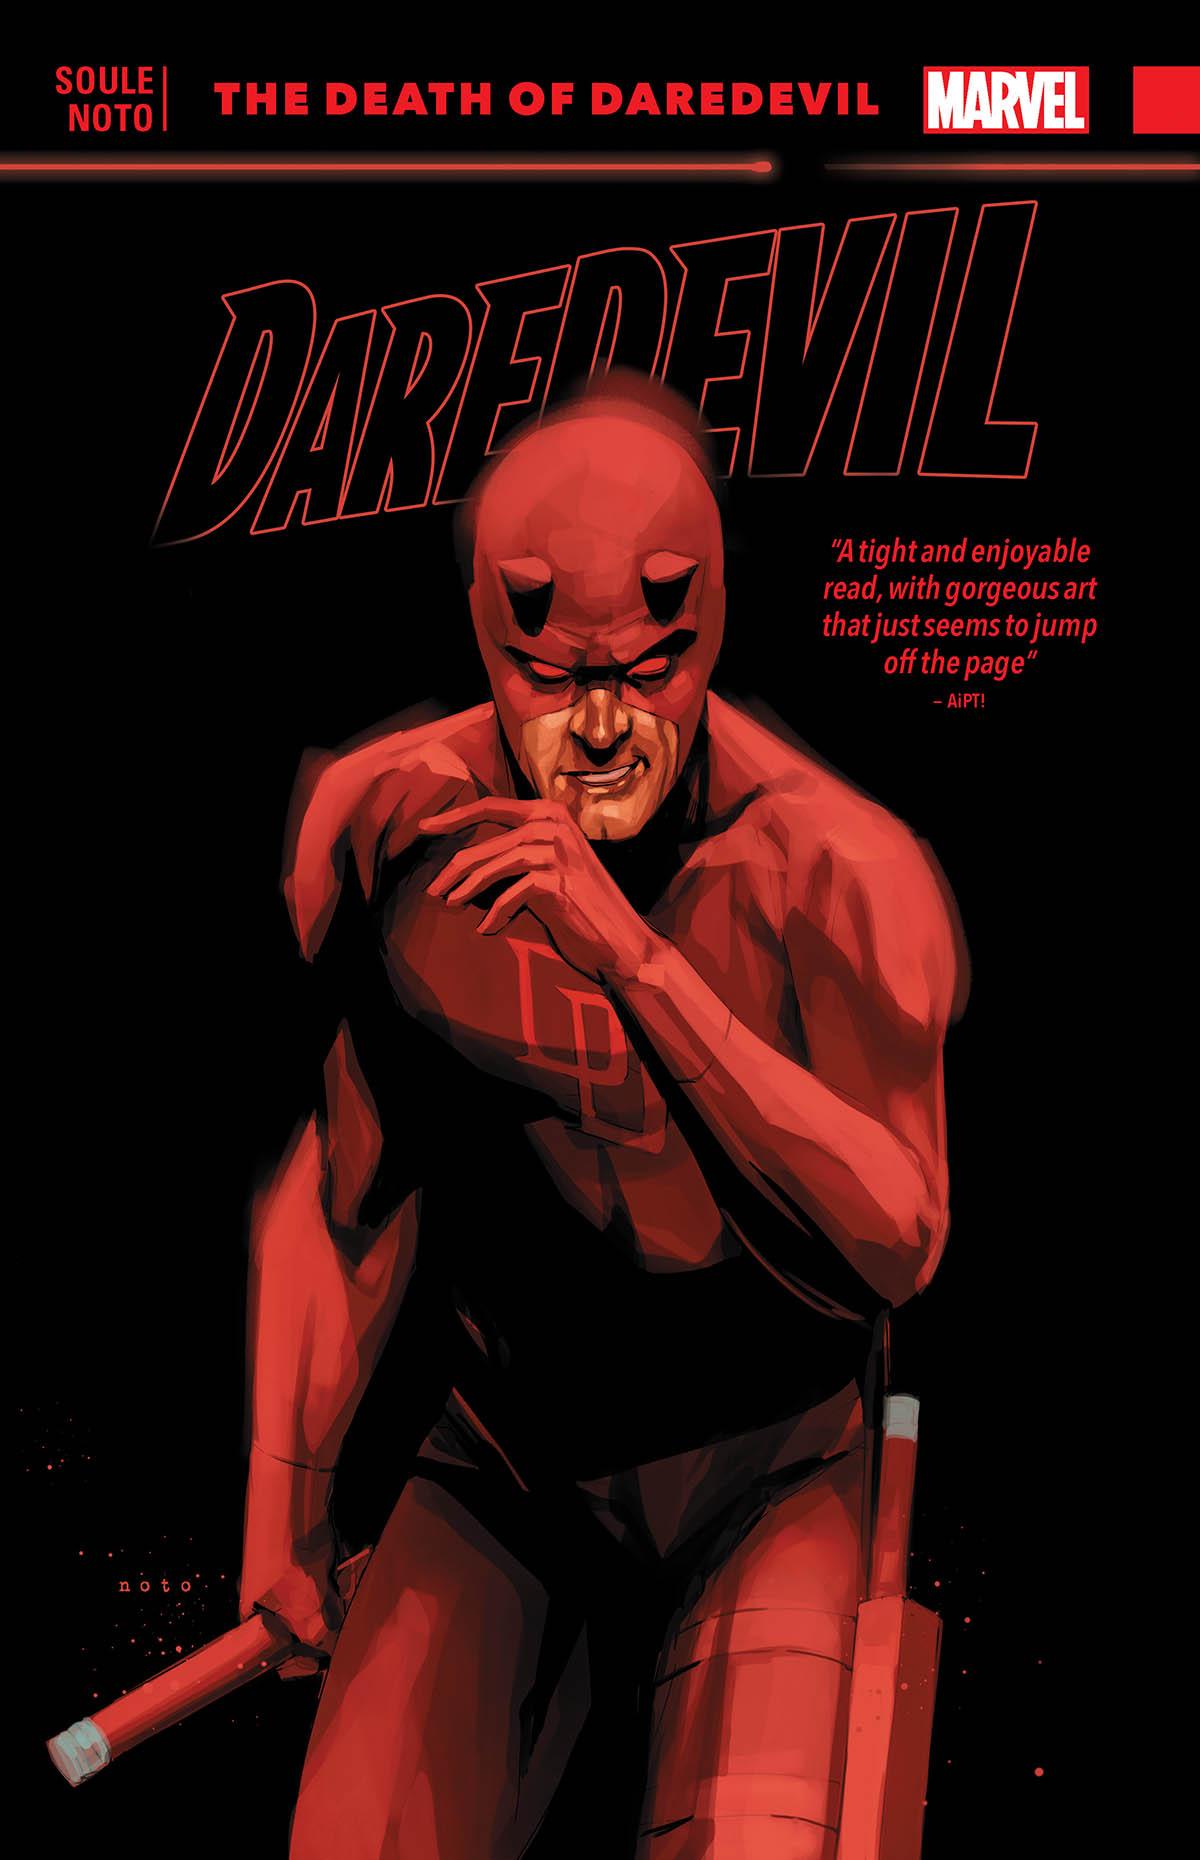 Daredevil: Back in Black Vol. 8 - The Death of Daredevil (Trade Paperback)